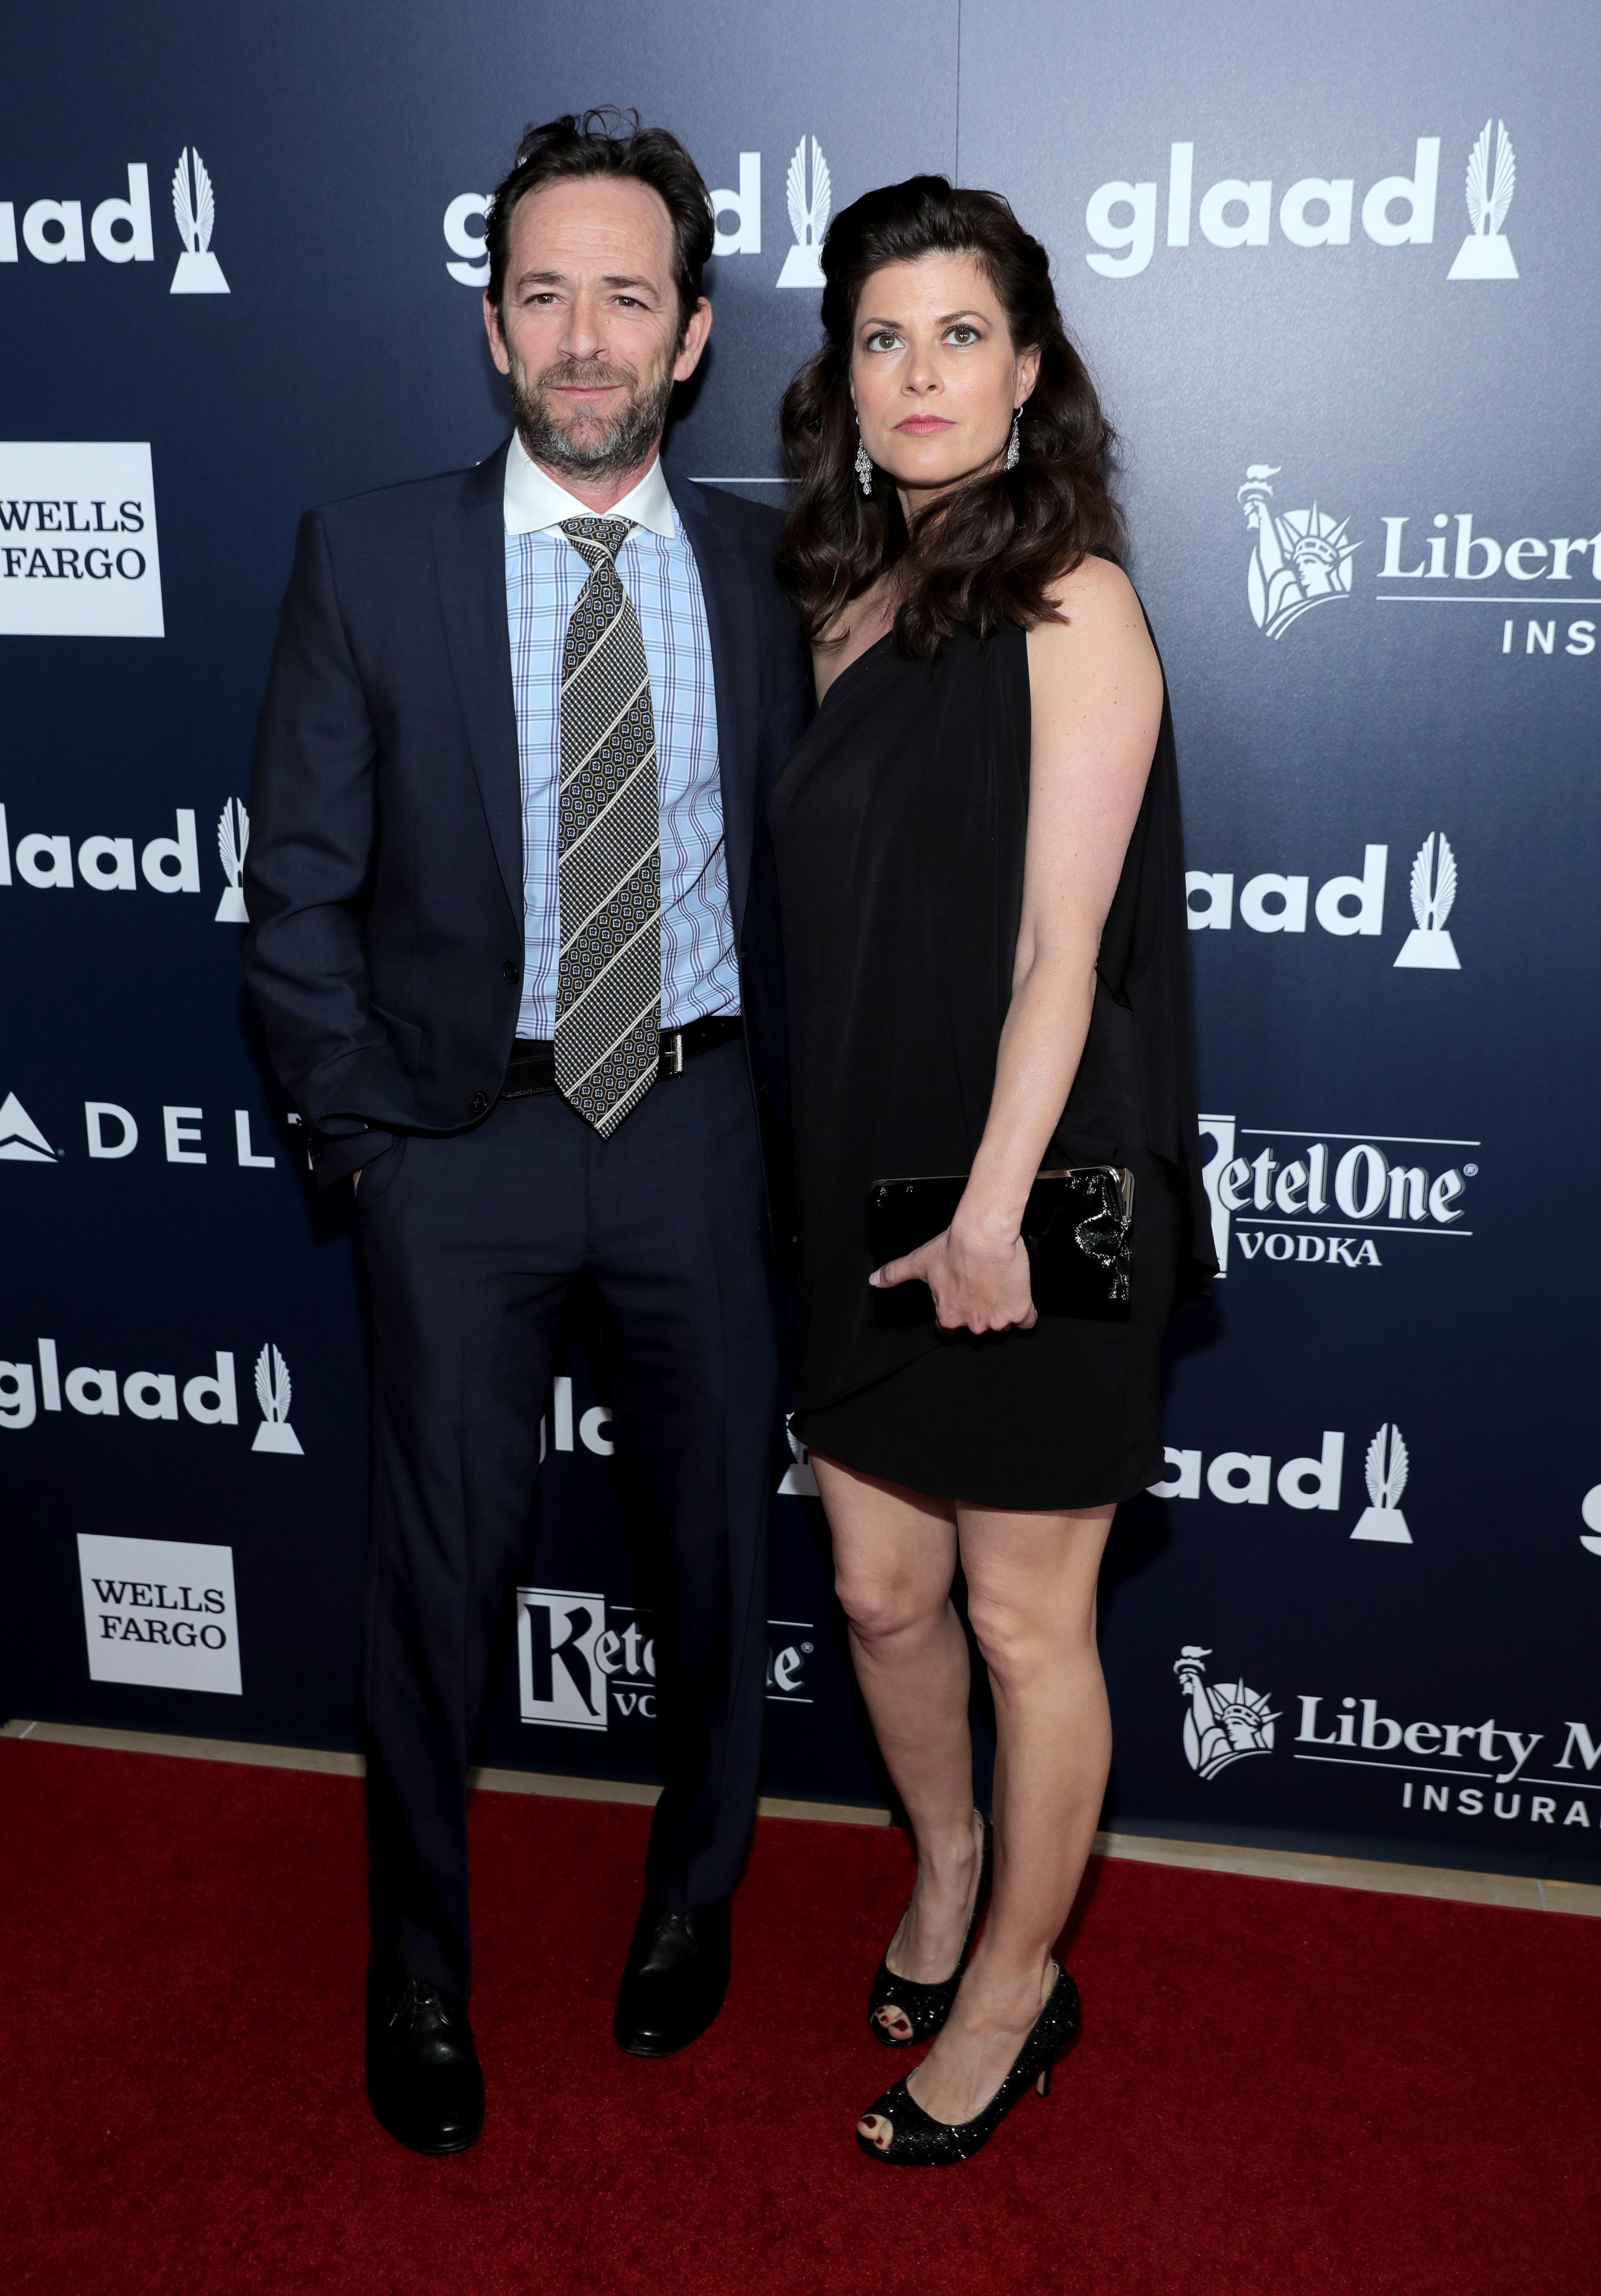 Noiva de Luke Perry quebra silêncio após morte do ator